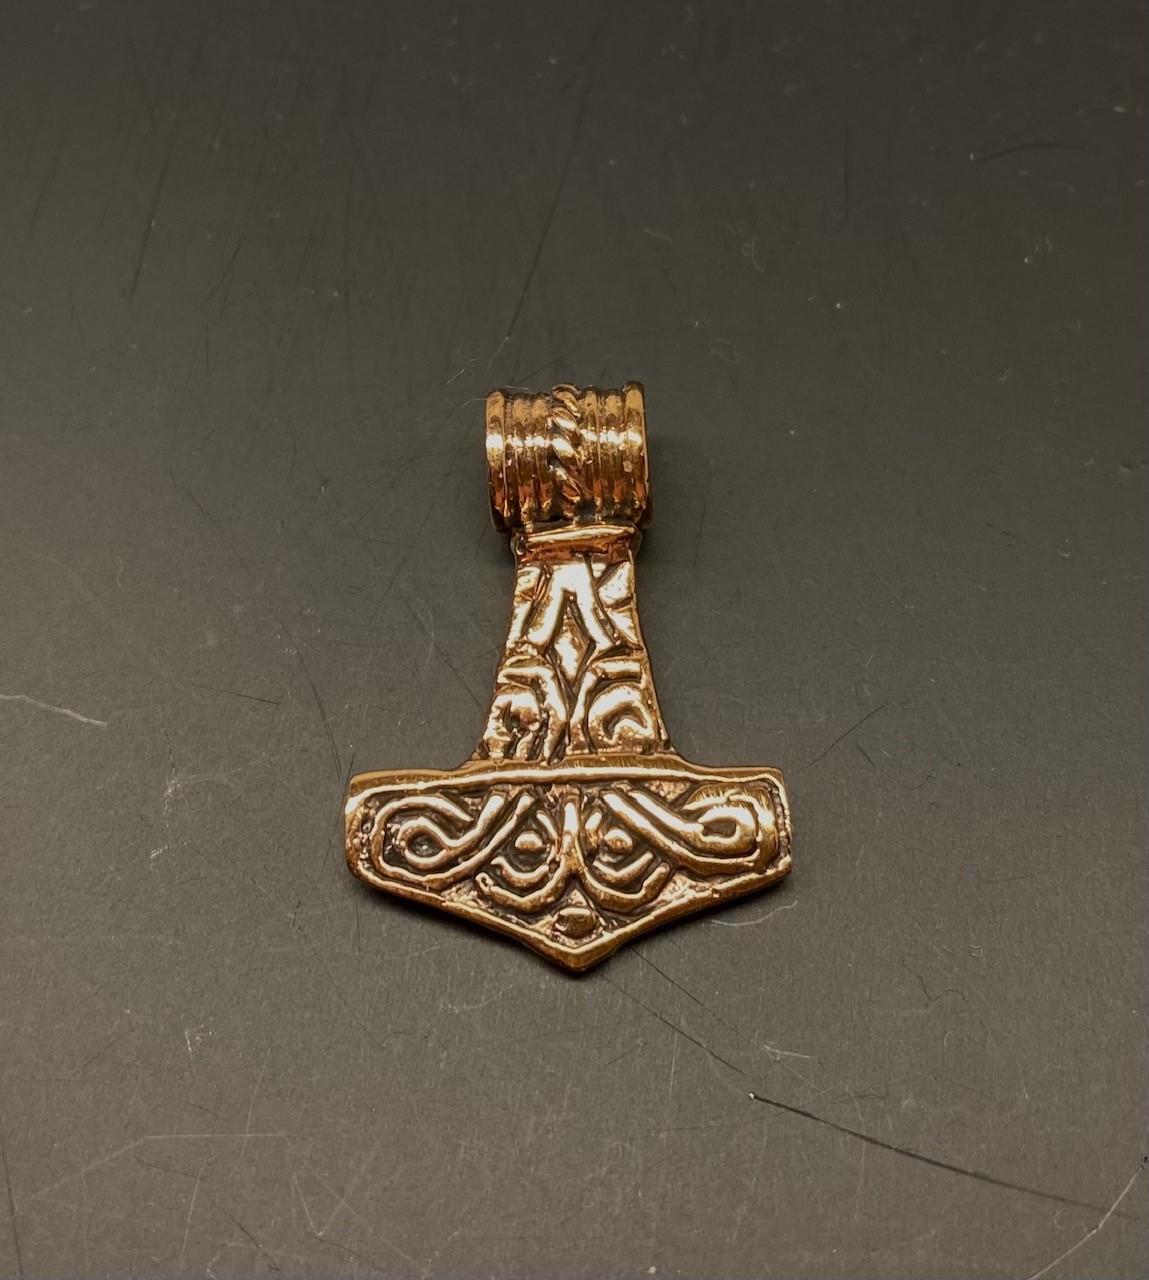 Vikingevedhæng Bronze Thorshammer - tosidet med runer, thor, vikingesmykker, vedhæng, vikingevedhæng, dobbelt, mønster, vikingefund, gamle, guder, aser, mytologi, museumssmykker, kopismykker, vikingekopi, biti, ribe, dmkirke,